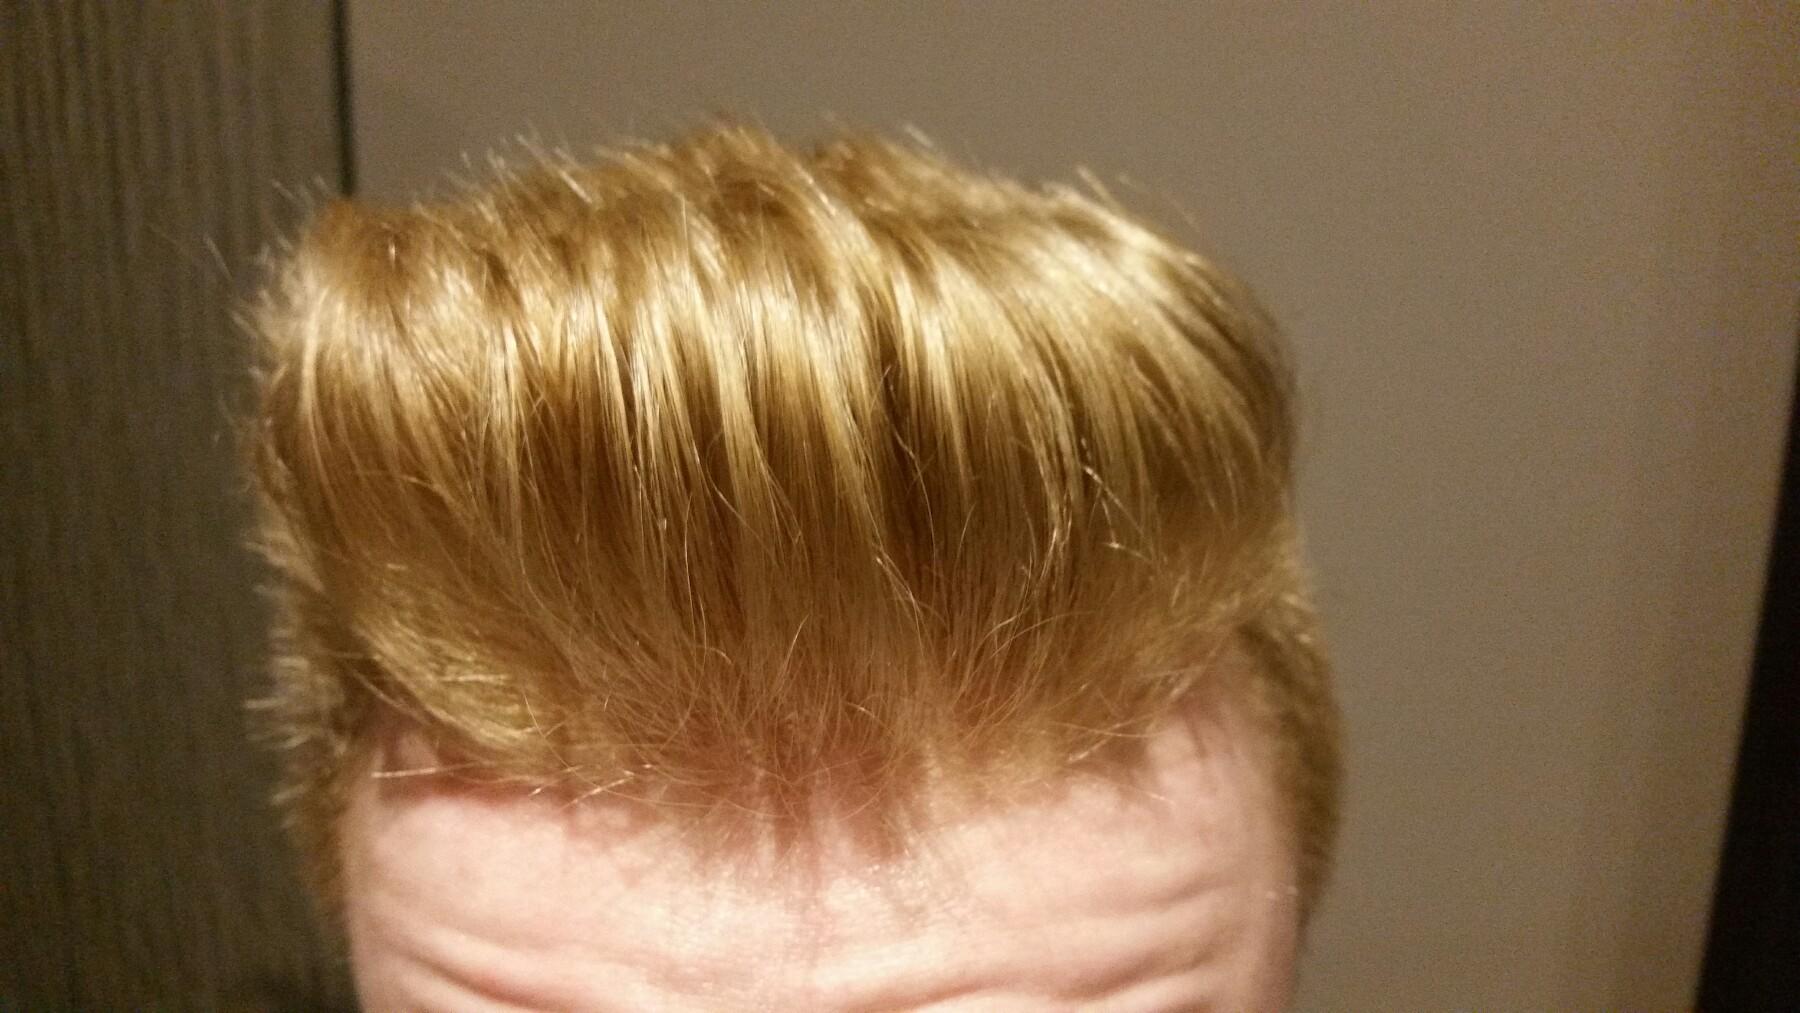 habe ich kaputte haare blond haare f rben blondieren. Black Bedroom Furniture Sets. Home Design Ideas